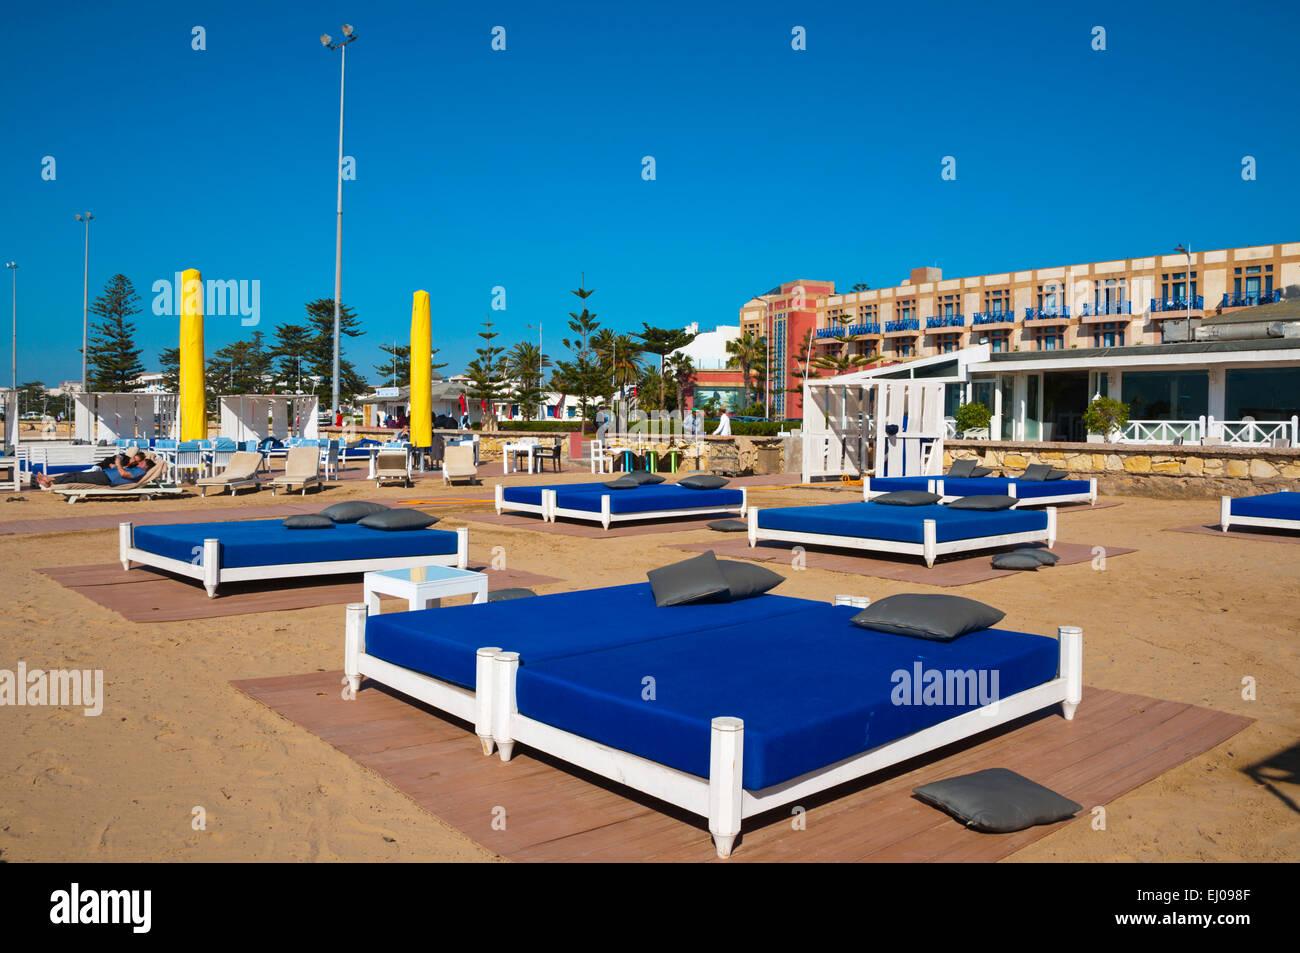 Le salon d'un restaurant, bar, plage de la ville d'Essaouira, Côte Atlantique, Maroc, Afrique du Nord Photo Stock